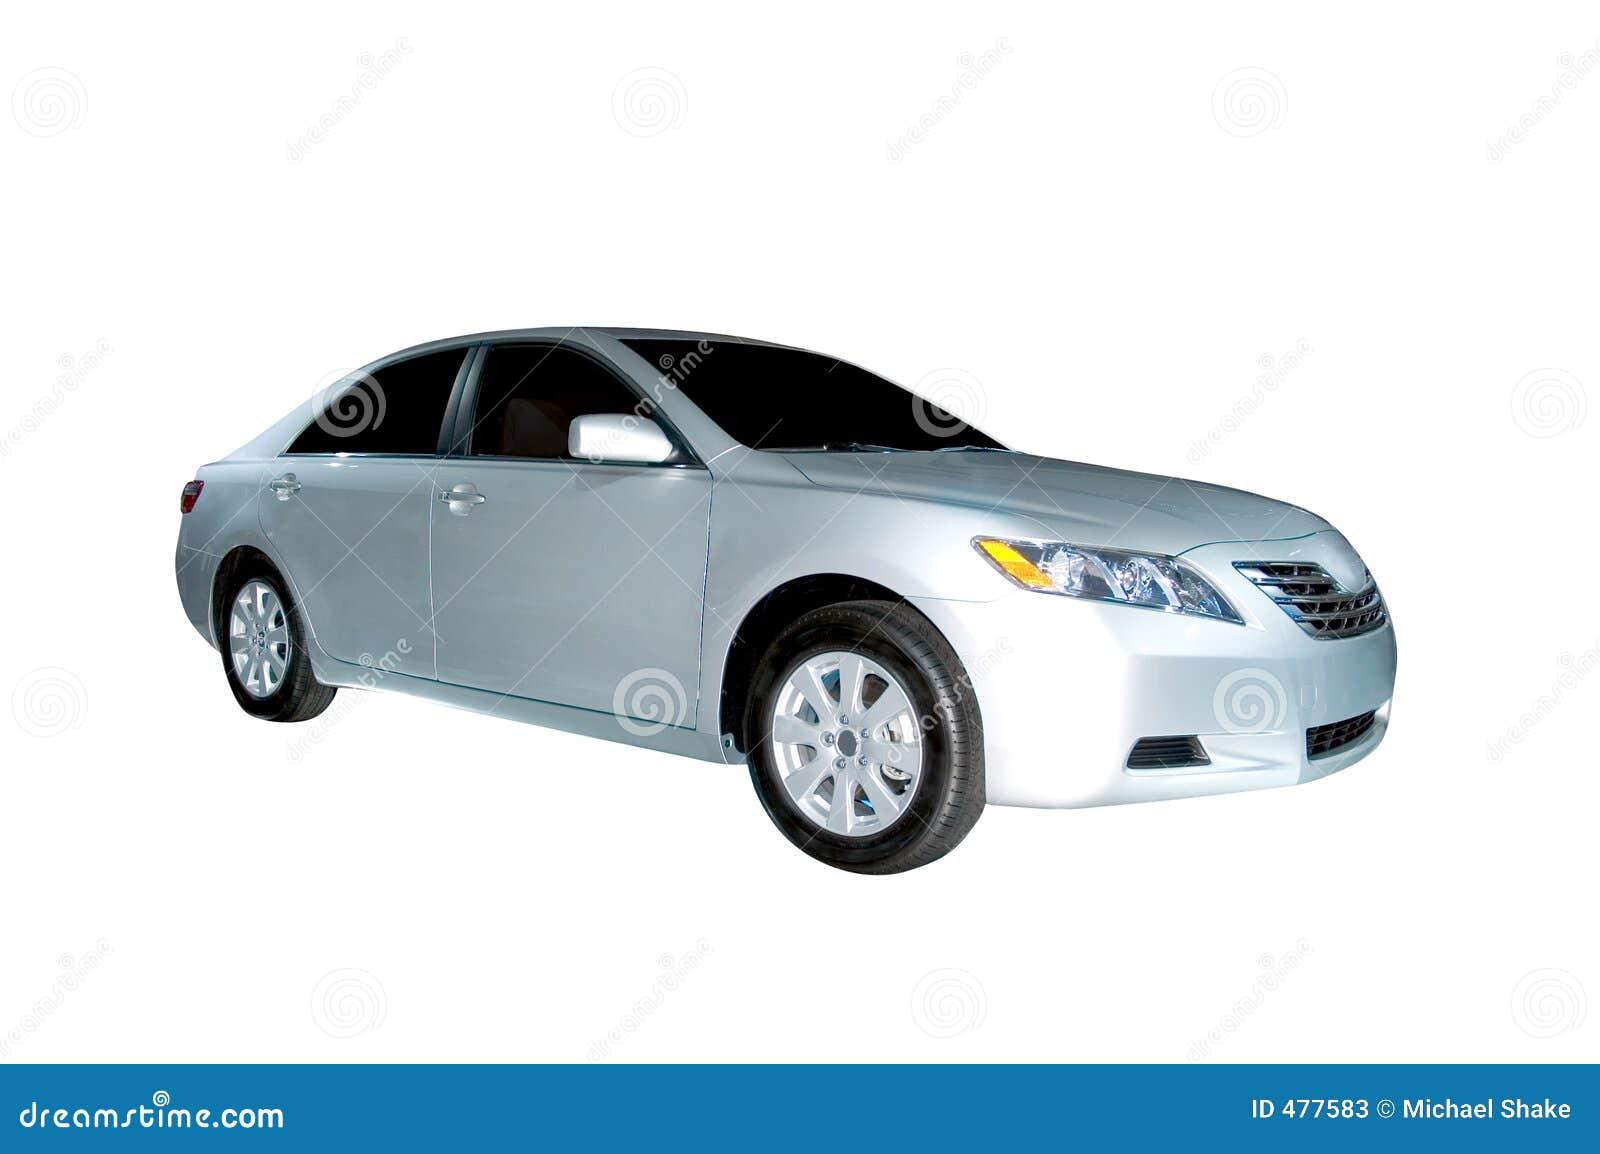 Camry гибридная модель Тойота